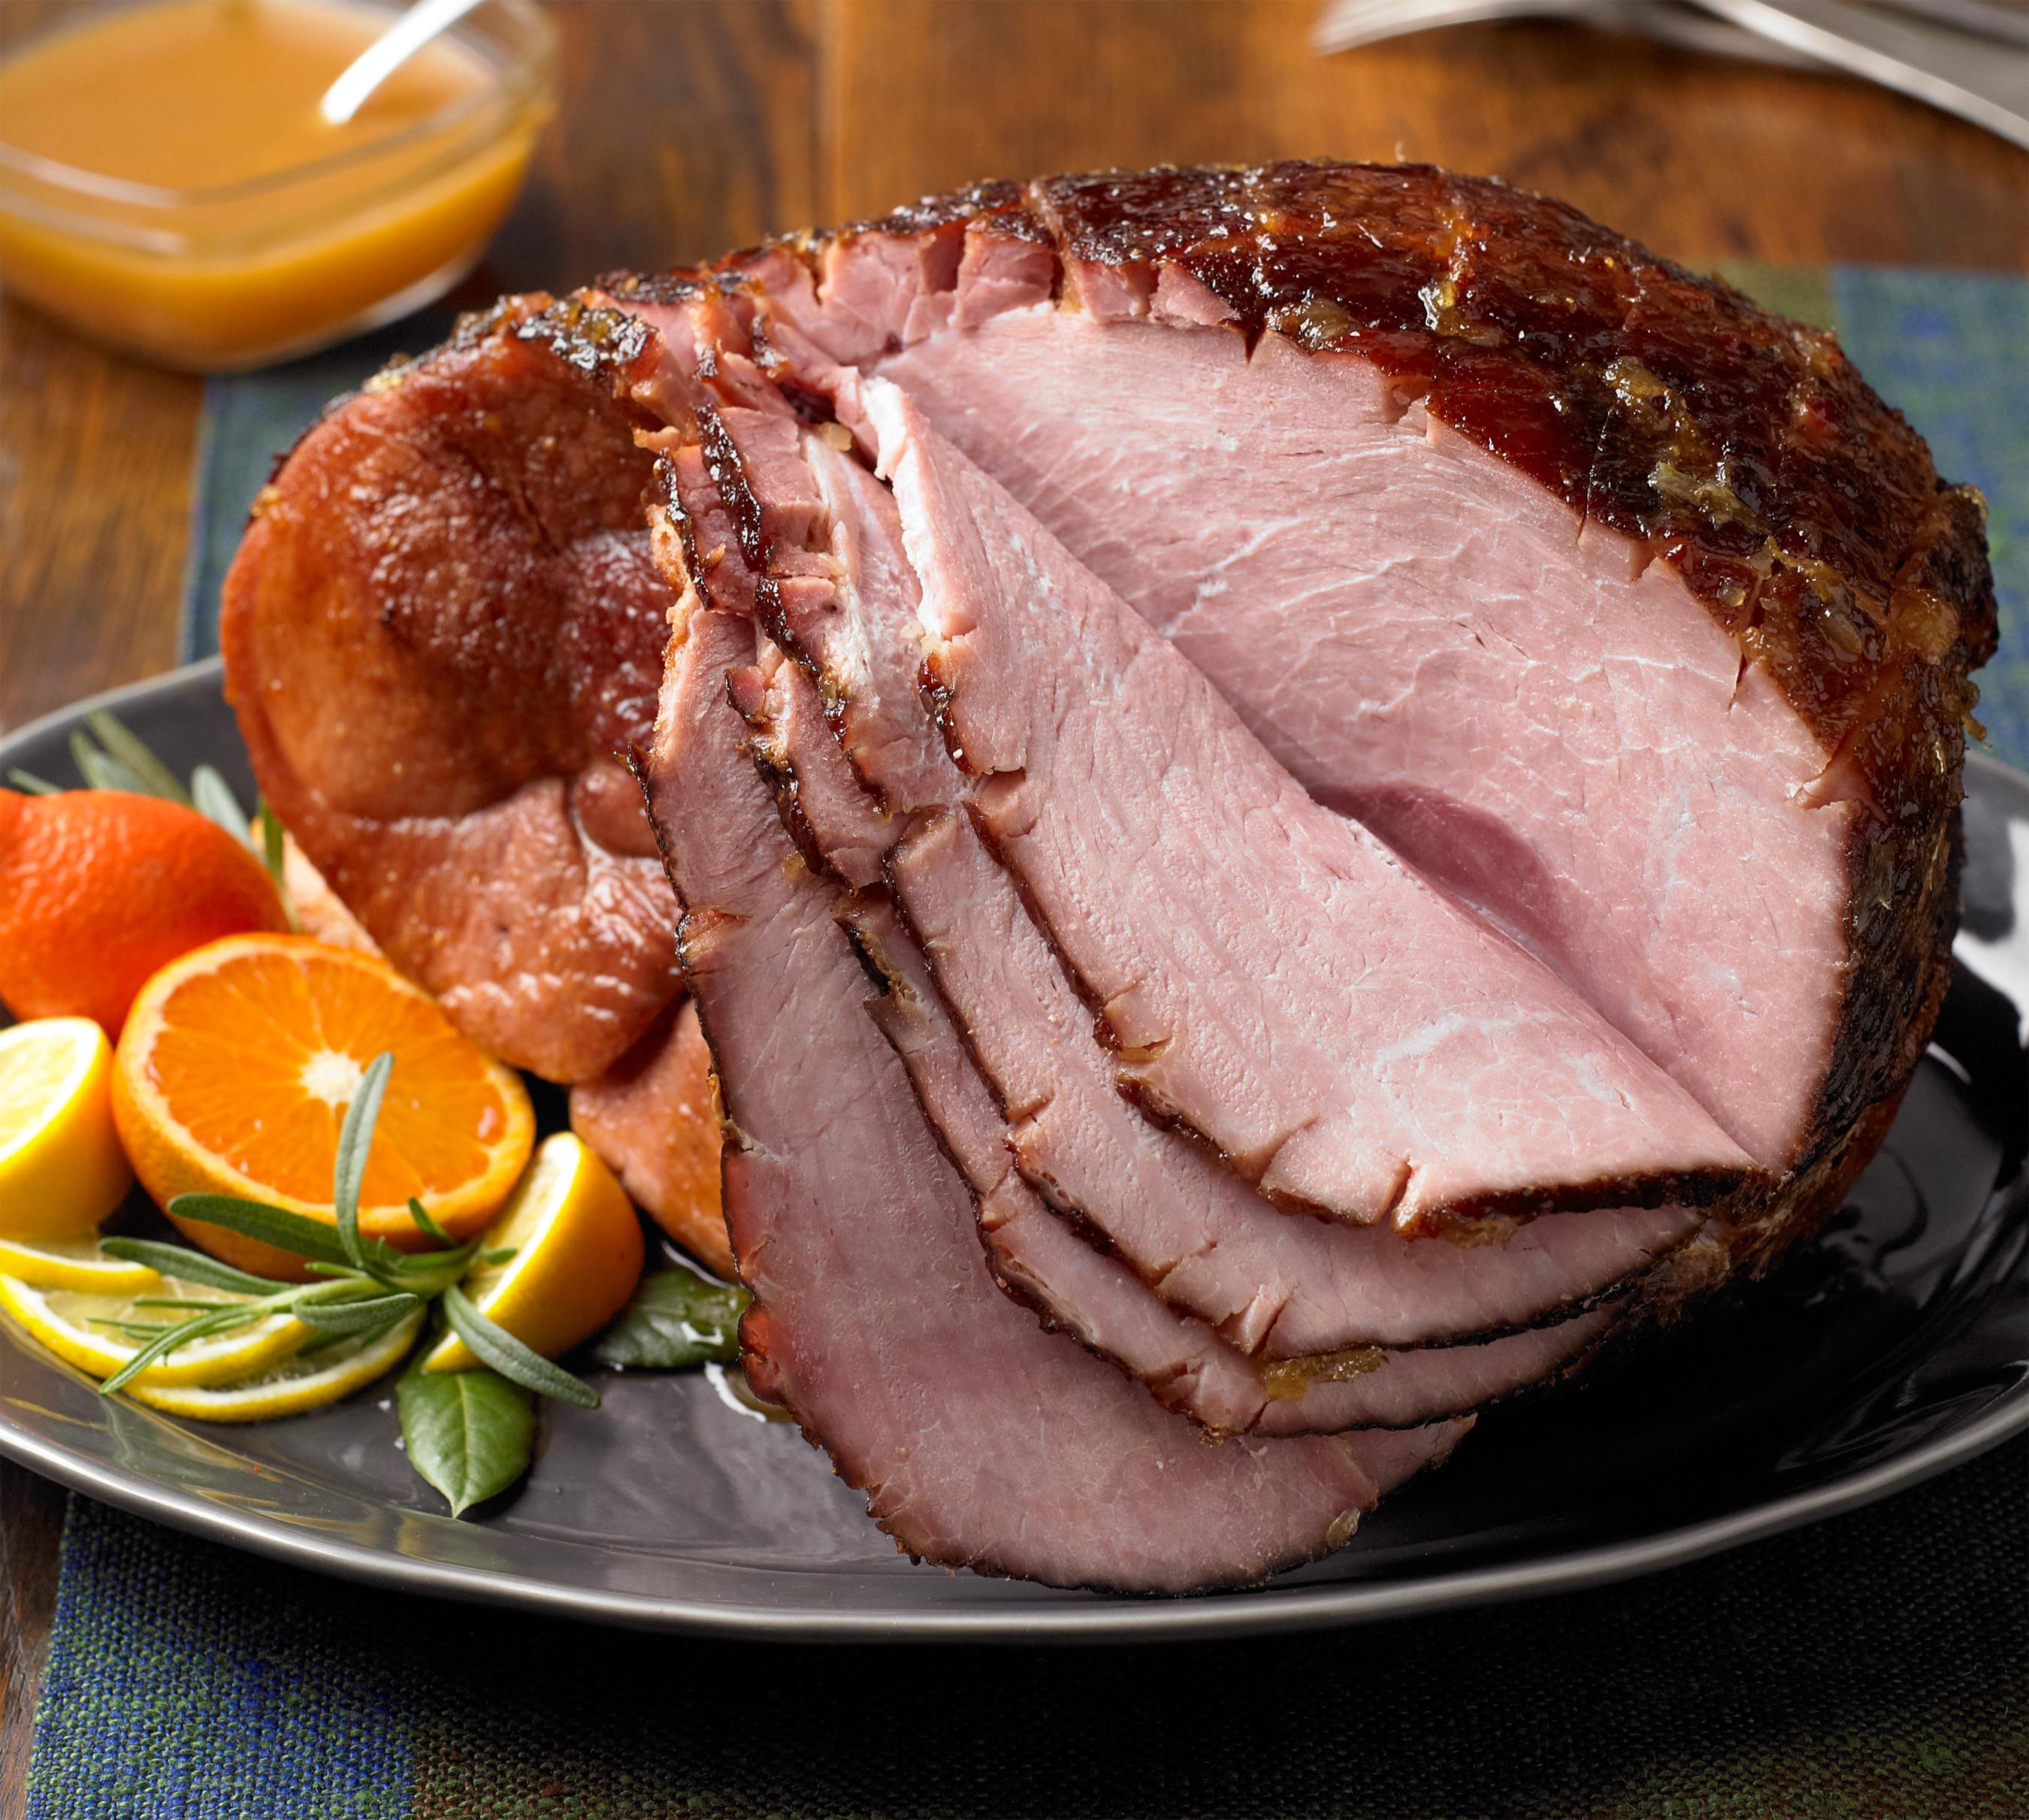 Recipes For Easter Ham  Spiced Grilled Ham with Citrus Glaze Pork Recipes Pork